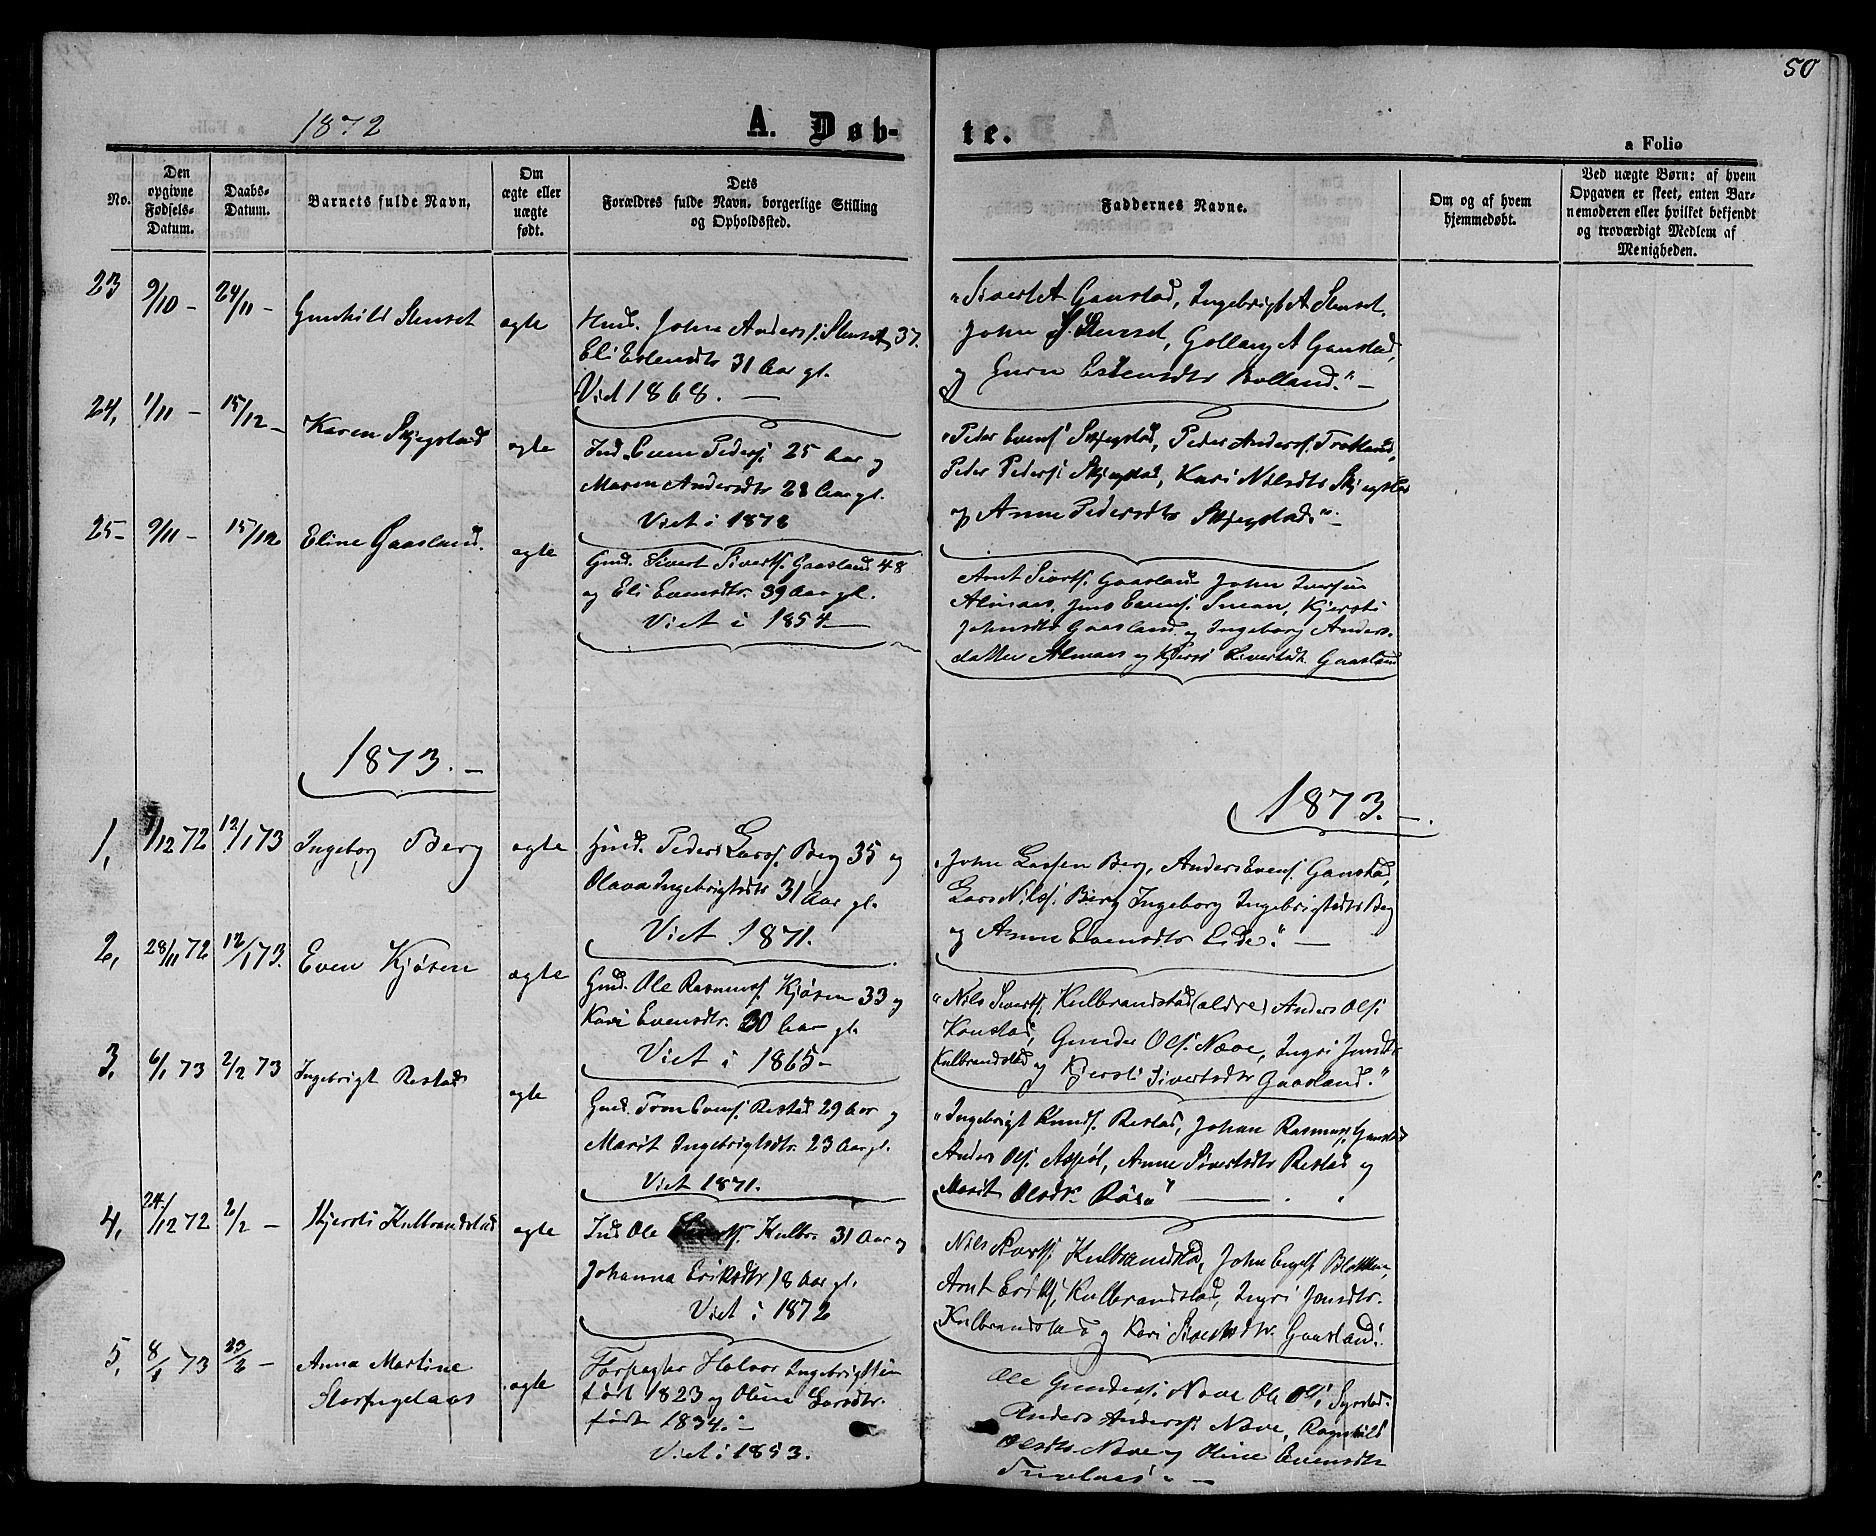 SAT, Ministerialprotokoller, klokkerbøker og fødselsregistre - Sør-Trøndelag, 694/L1131: Klokkerbok nr. 694C03, 1858-1886, s. 50